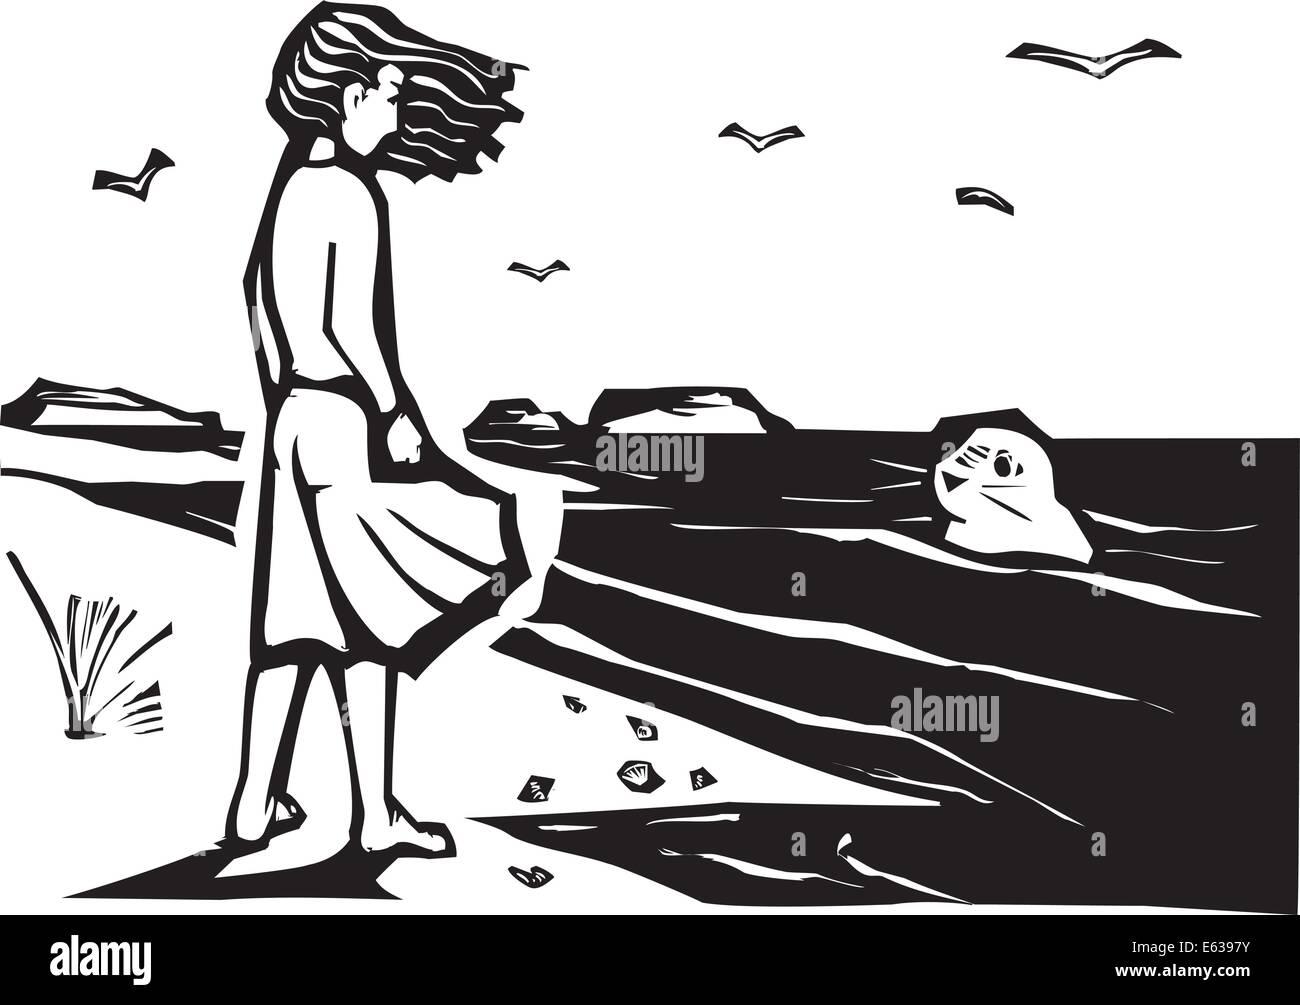 Holzschnitt-Stil Bild eines Mädchens an einem Strand ein Hafen-Siegel in den Wellen beobachten. Stock Vektor